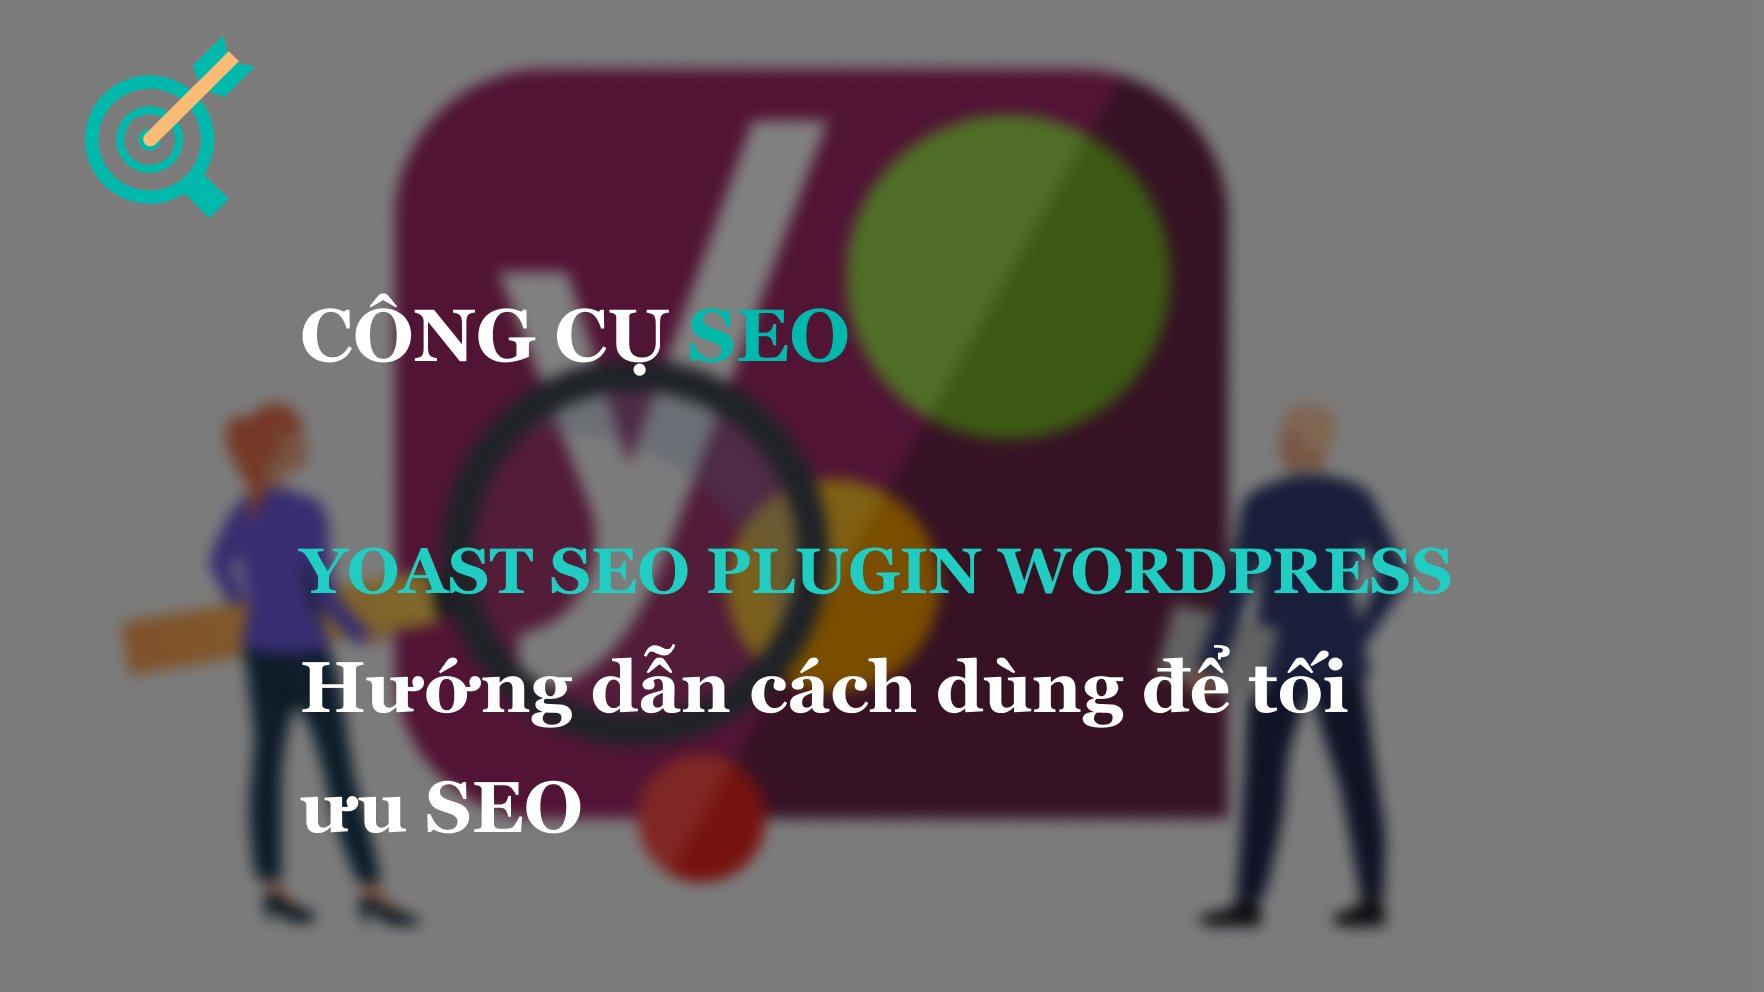 Yoast SEO Plugin WordPress, Hướng dẫn cách dùng để tối ưu SEO